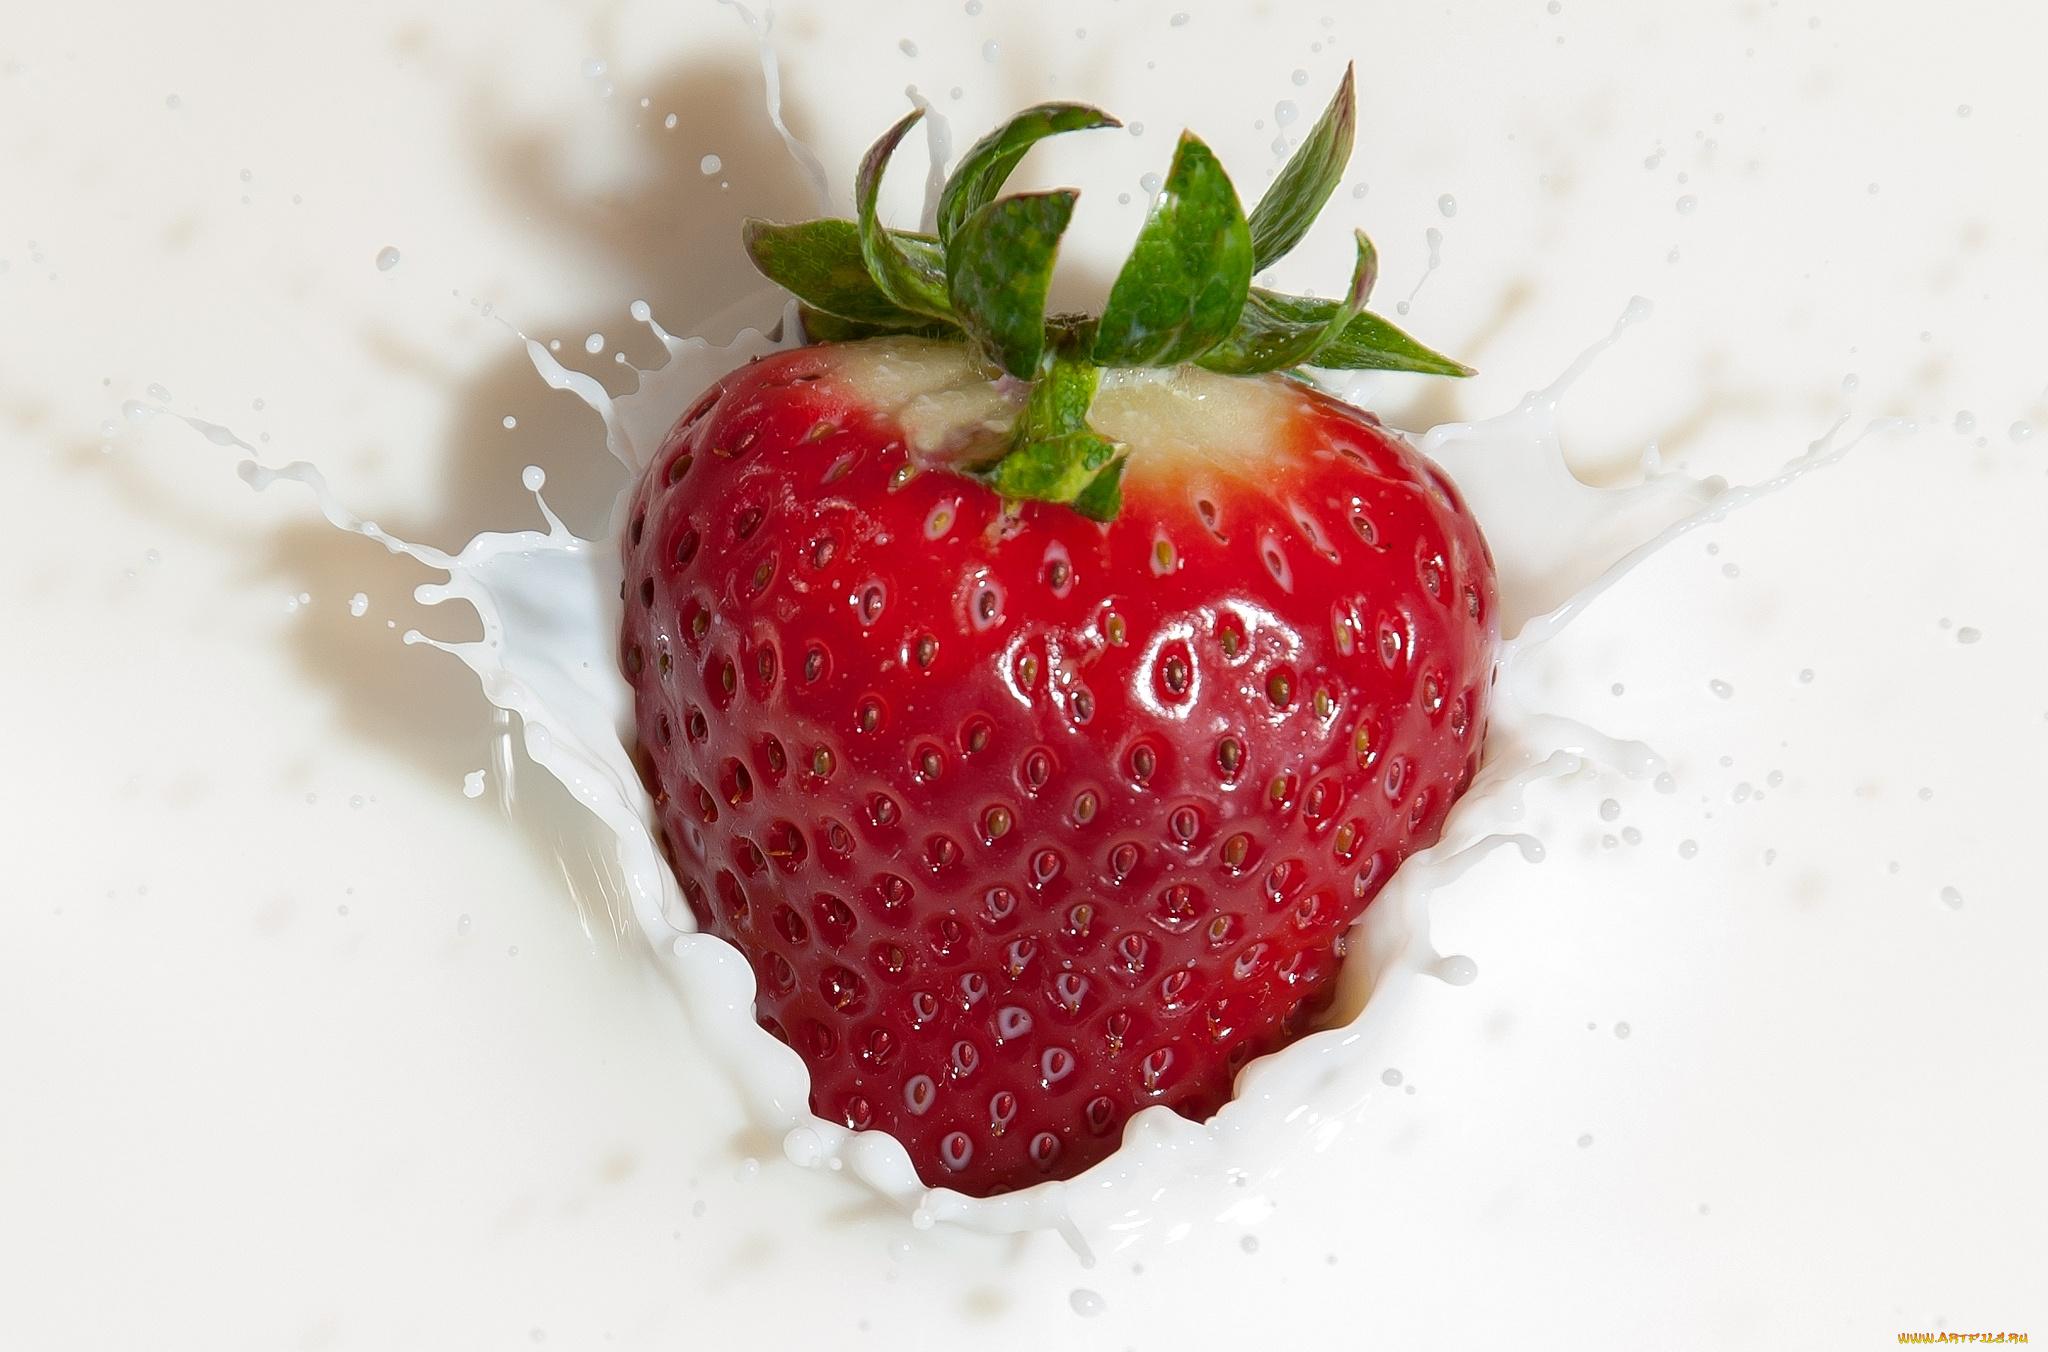 еда клубника йогурт бесплатно